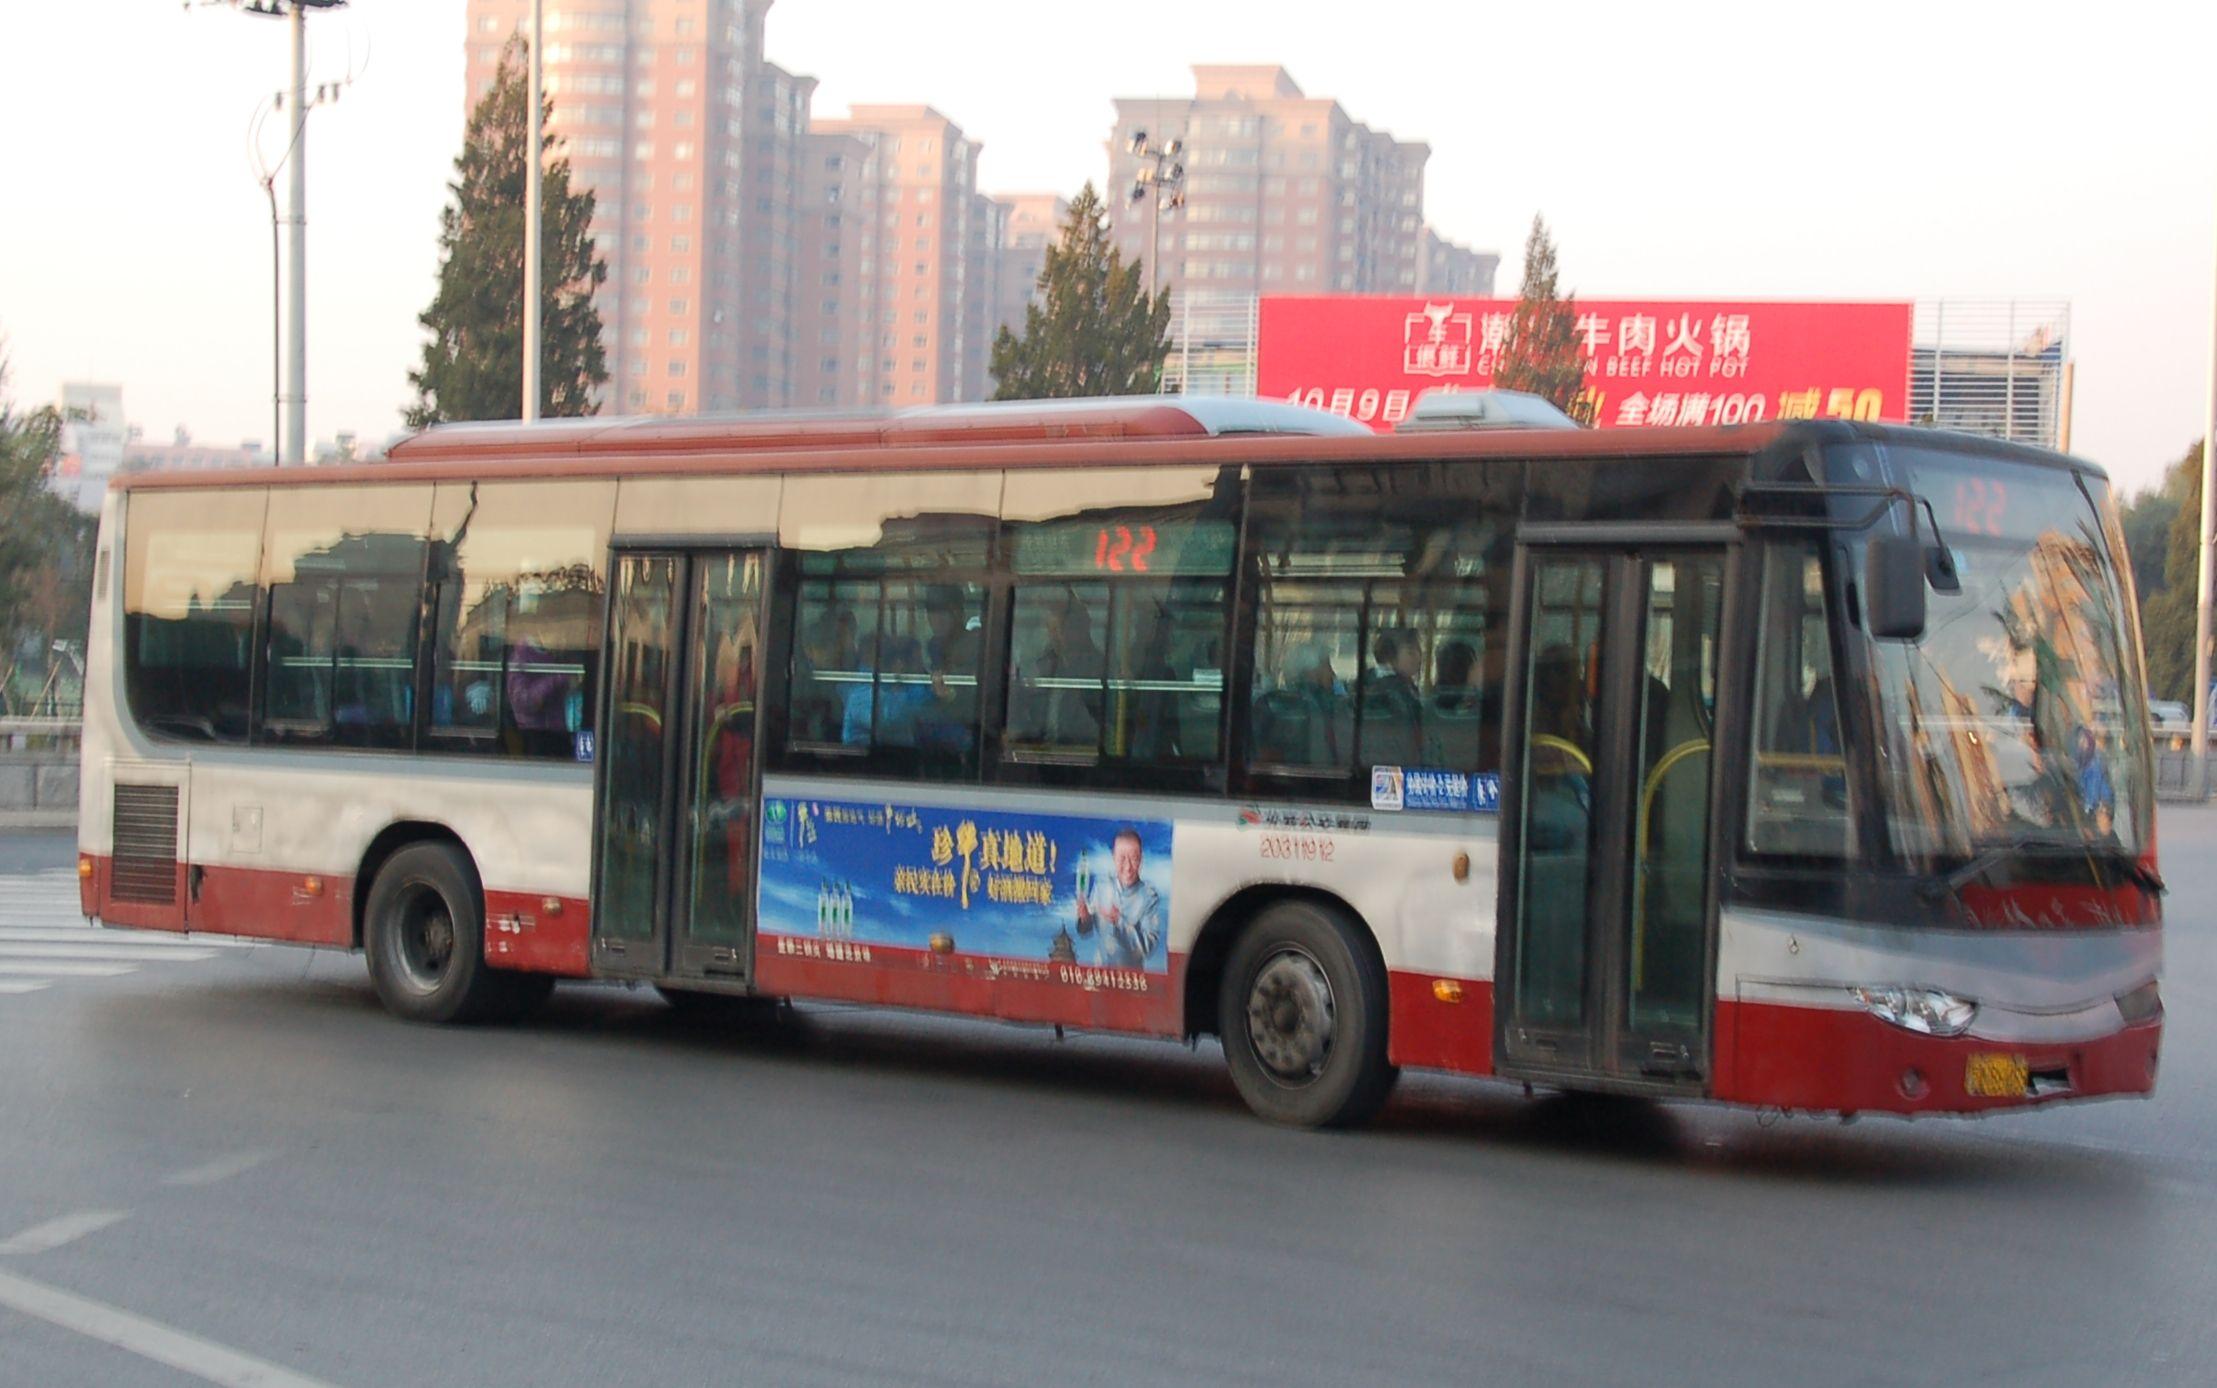 北京站有没有夜班车_北京西站公交夜班车 北京西站夜班车有哪几路车到白云路